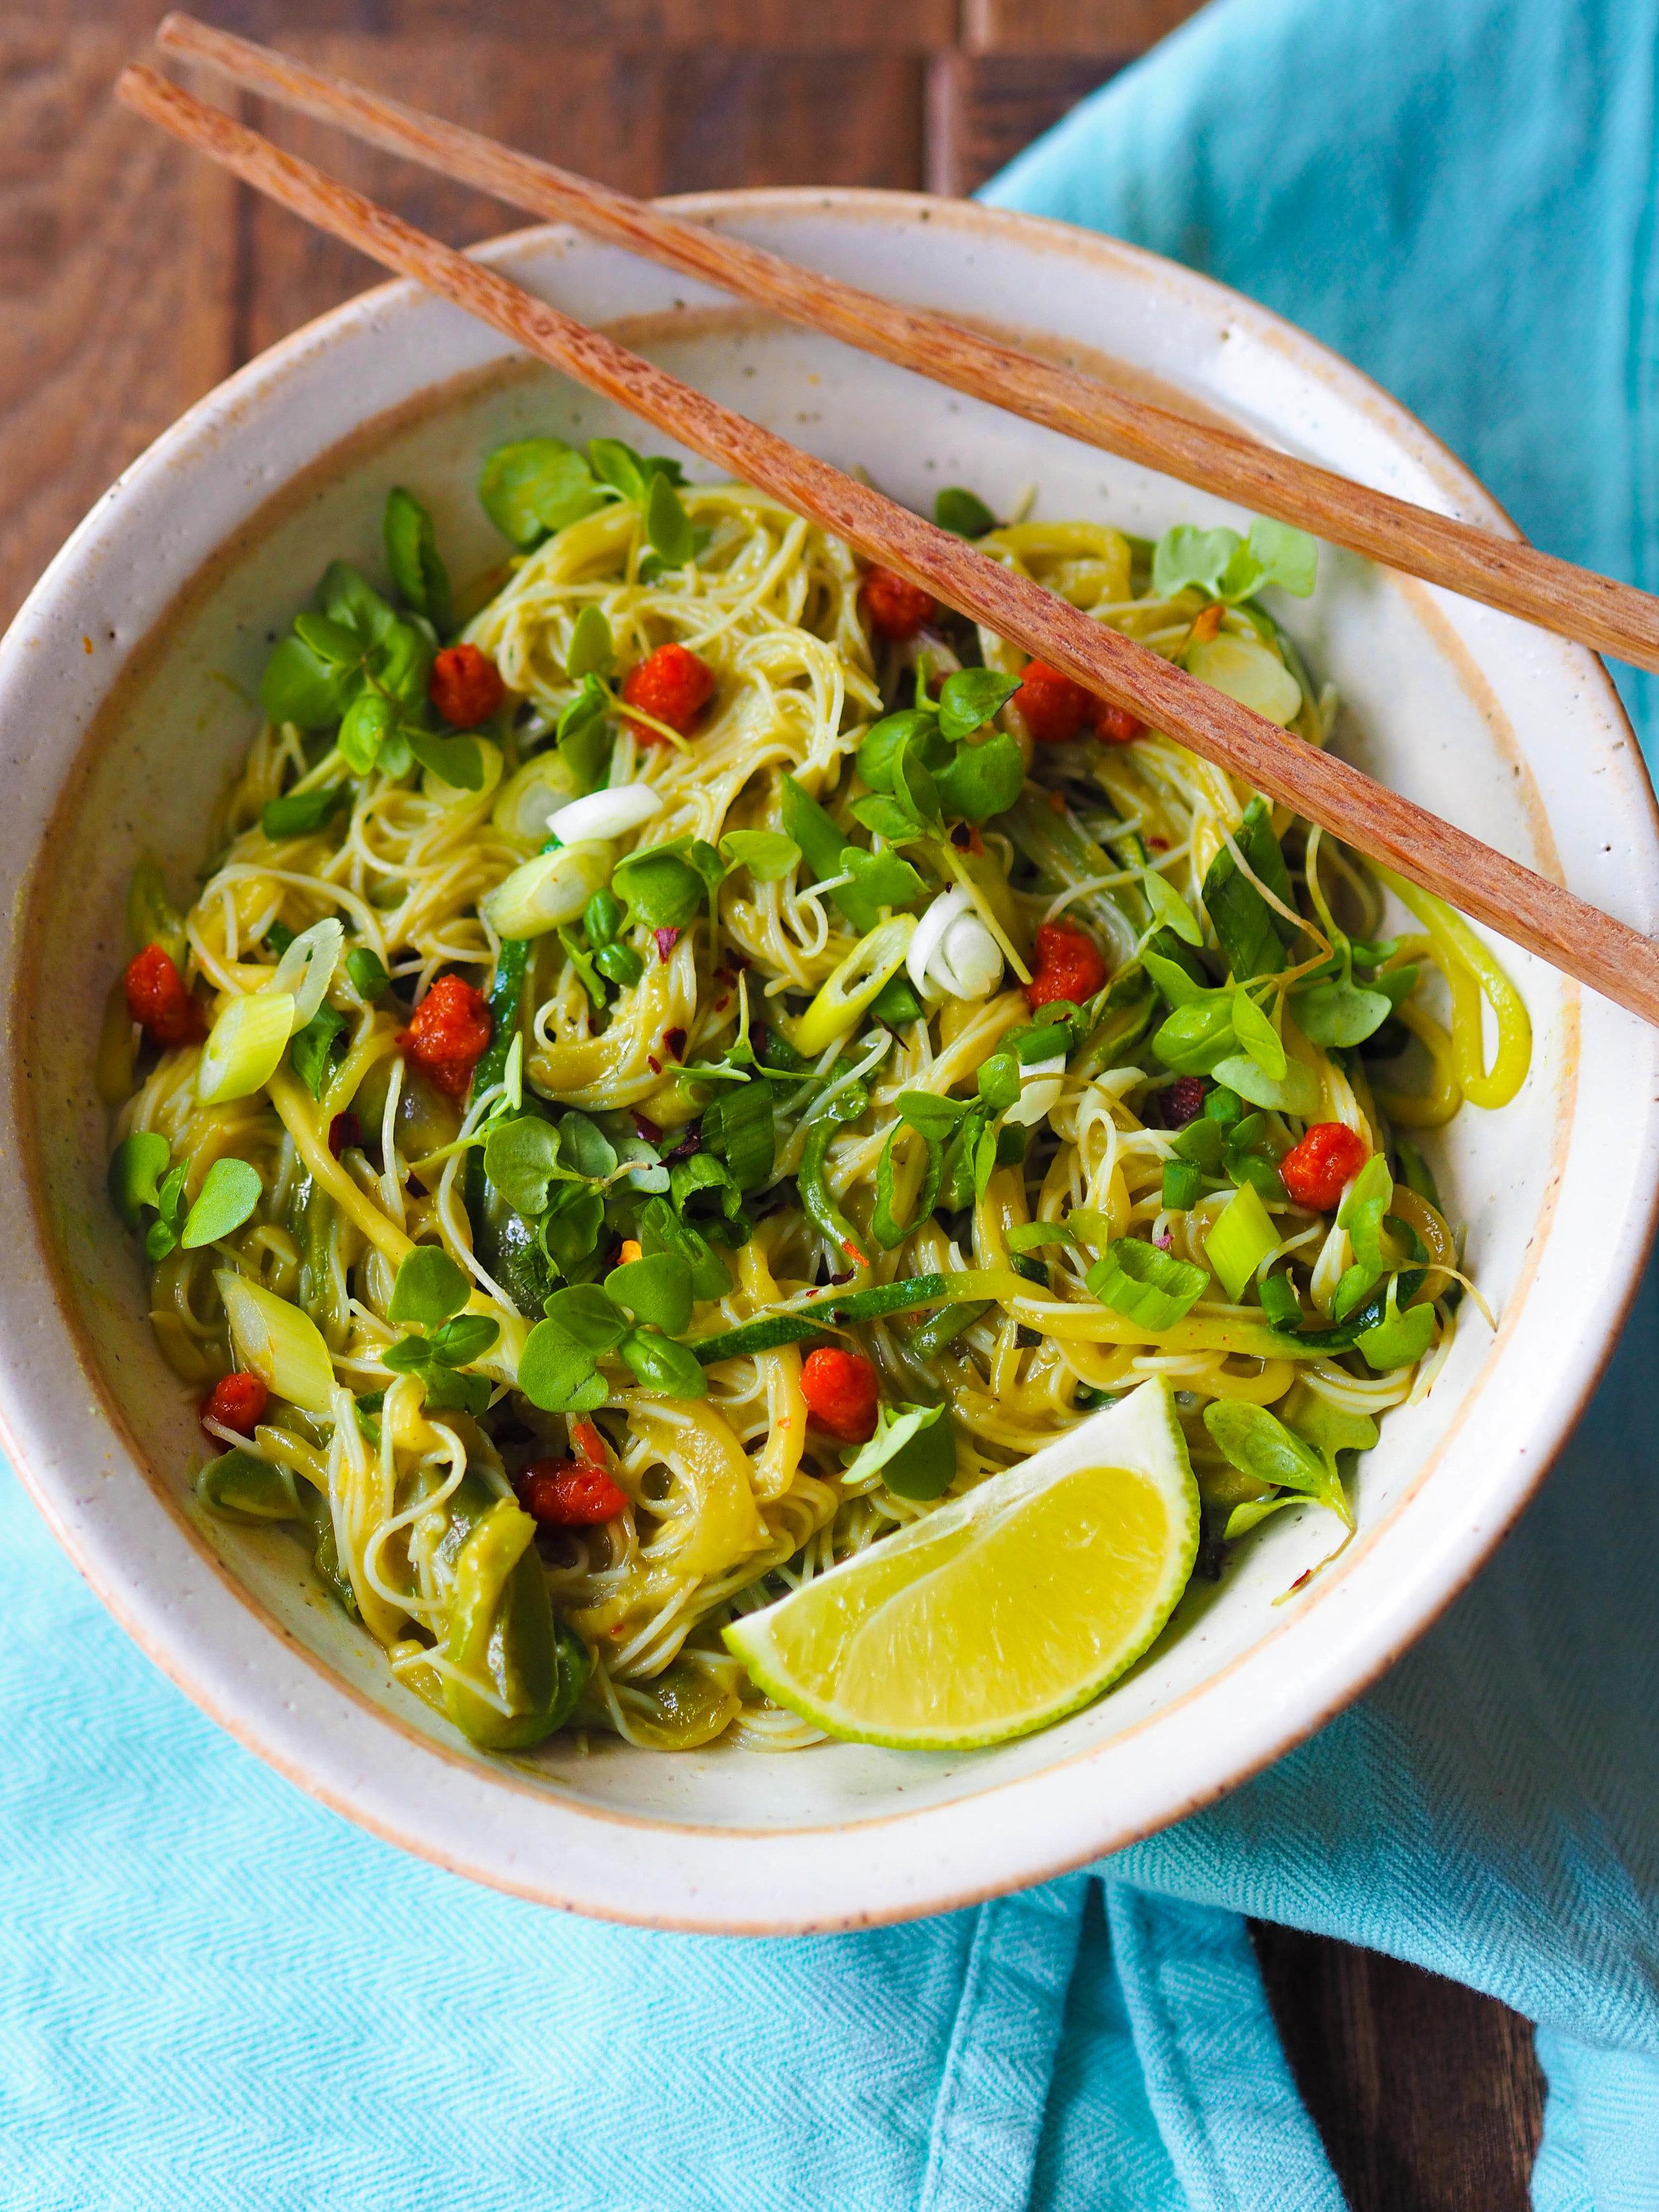 绿色的绿色食品,克里斯蒂娜·比娜的番茄沙拉,用了更多的奶油!